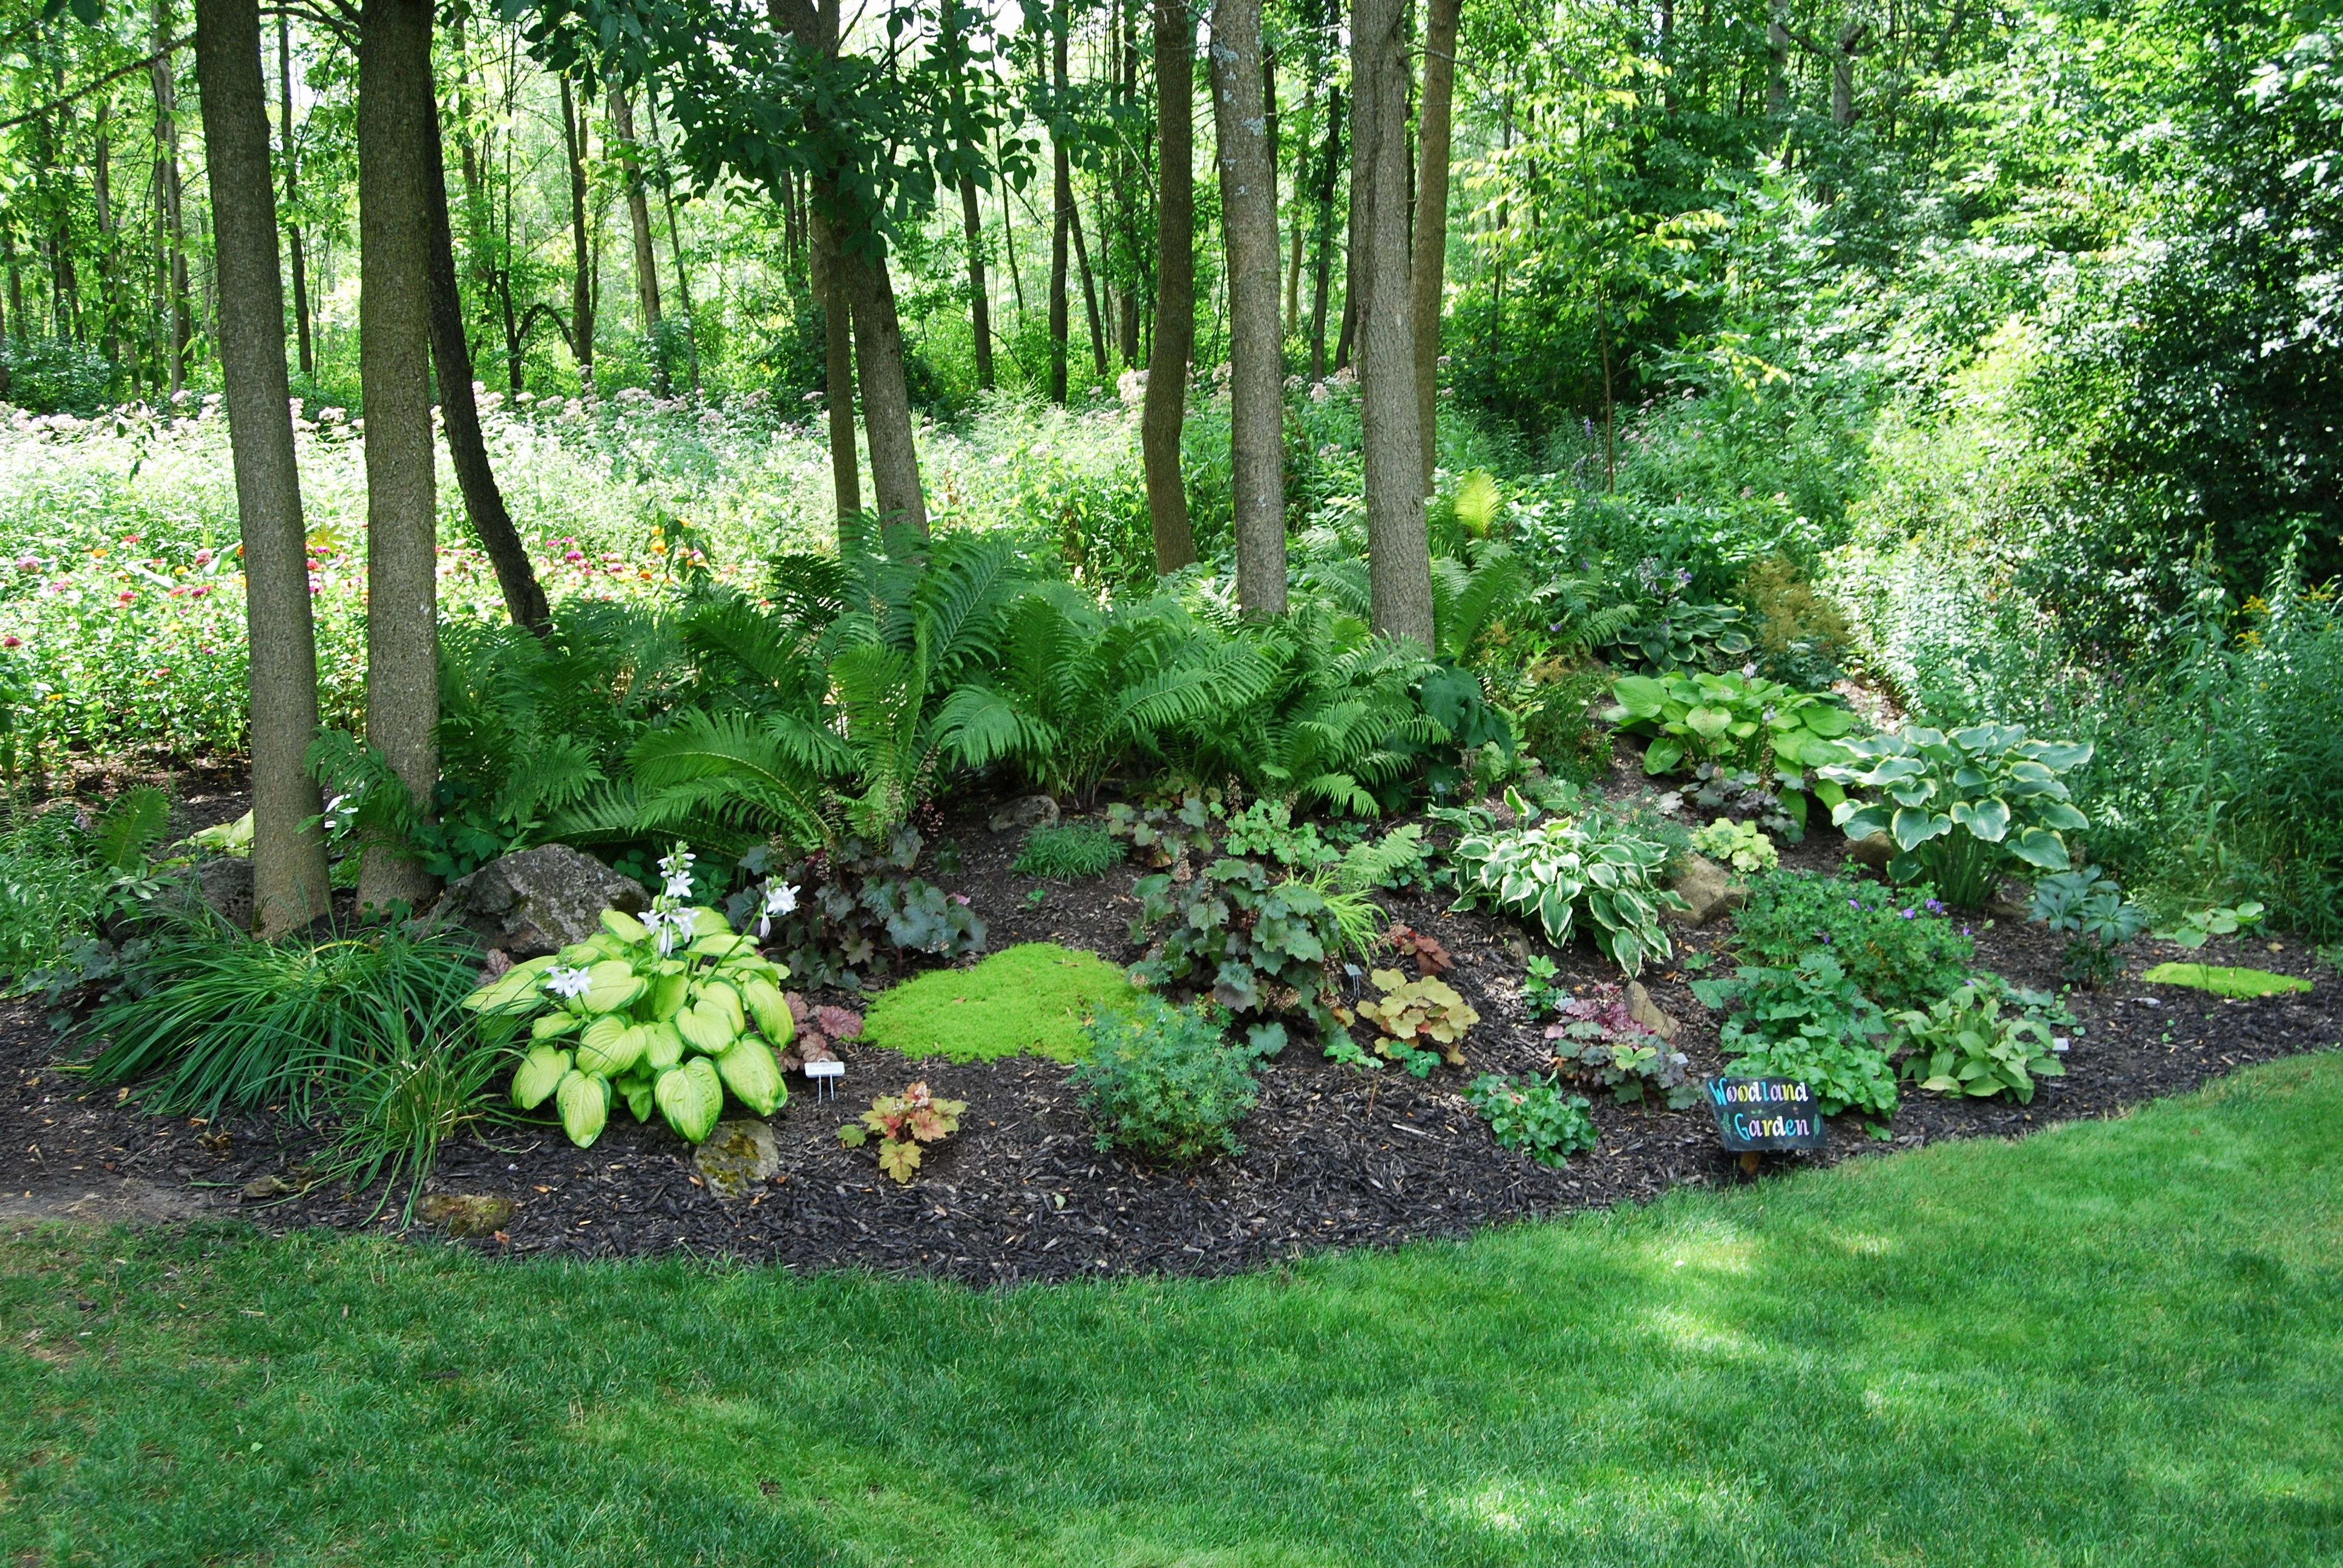 Image Result For Woodland Garden Ontario Woodland Garden Backyard Landscaping Backyard Garden Layout Backyard garden ideas ontario